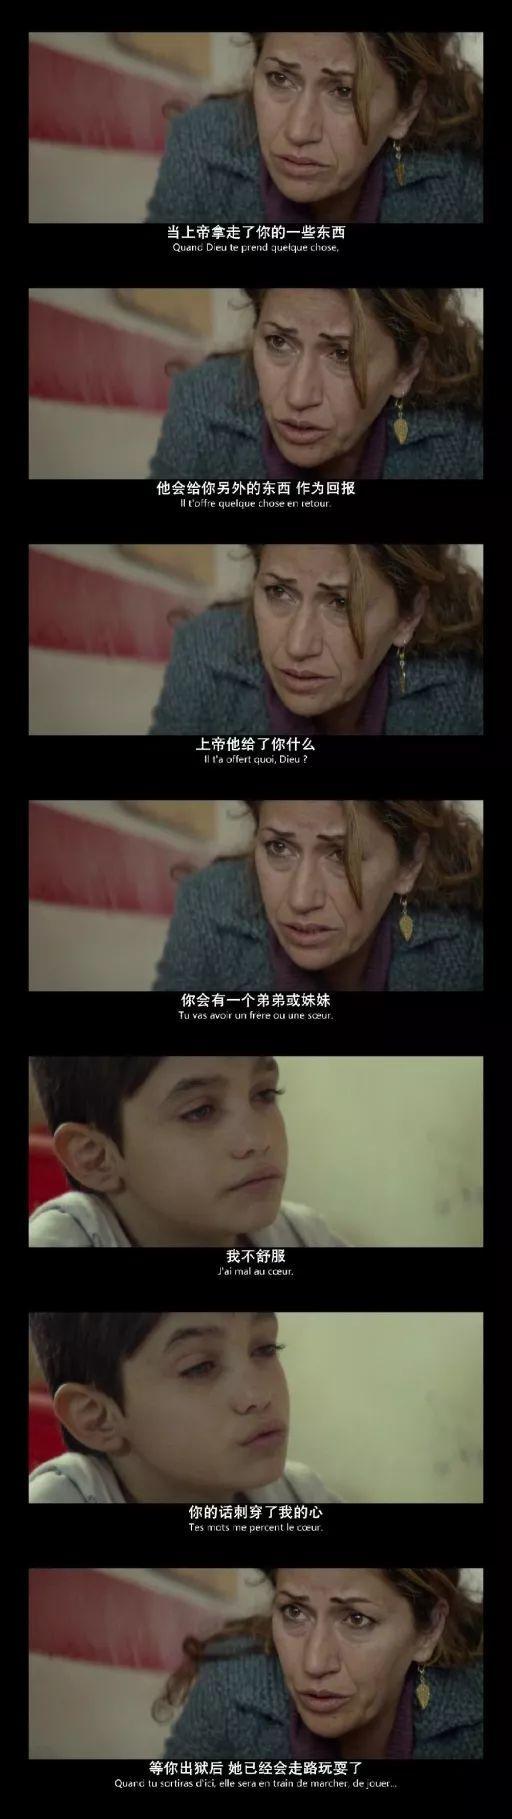 《何以为家》的海报文案,看哭了!